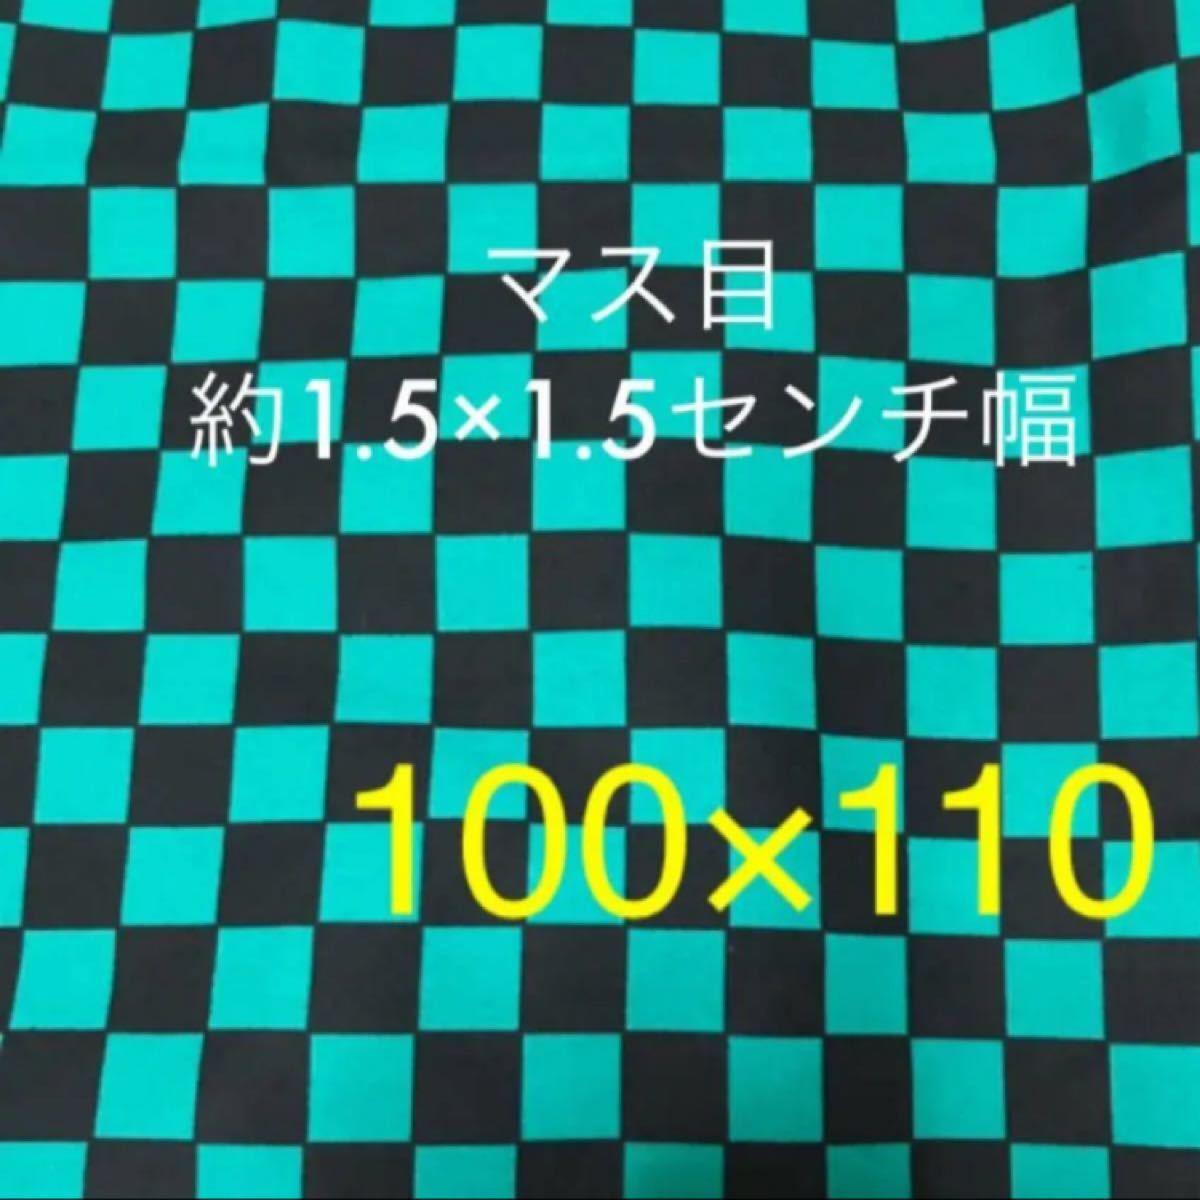 鬼滅の刃 布 生地 マス目1.5×1.5センチ幅 炭次郎柄